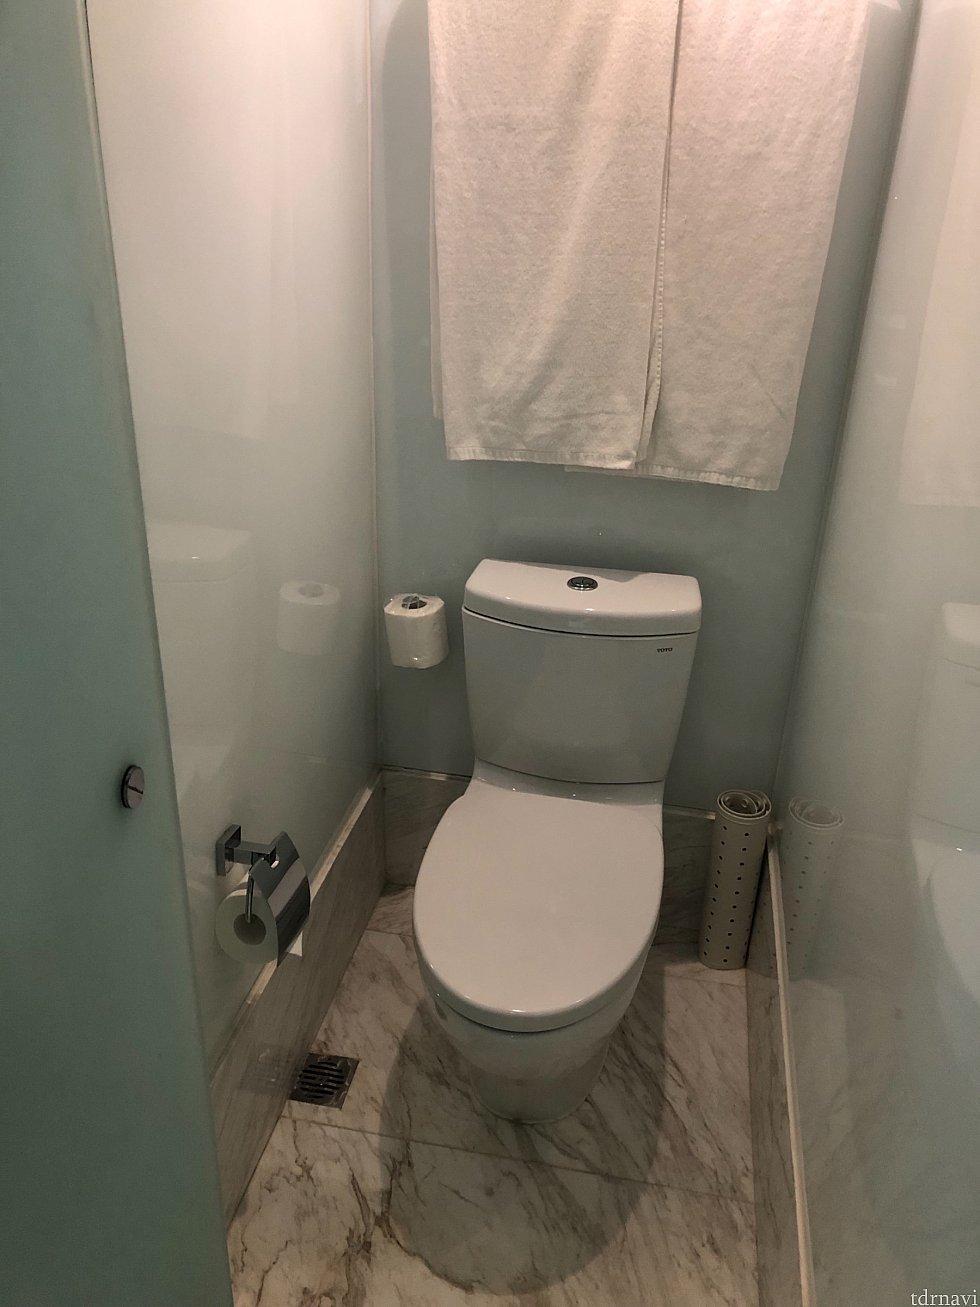 トイレとシャワーが別なのが嬉しい。でもバスタオルがトイレの上に(笑)